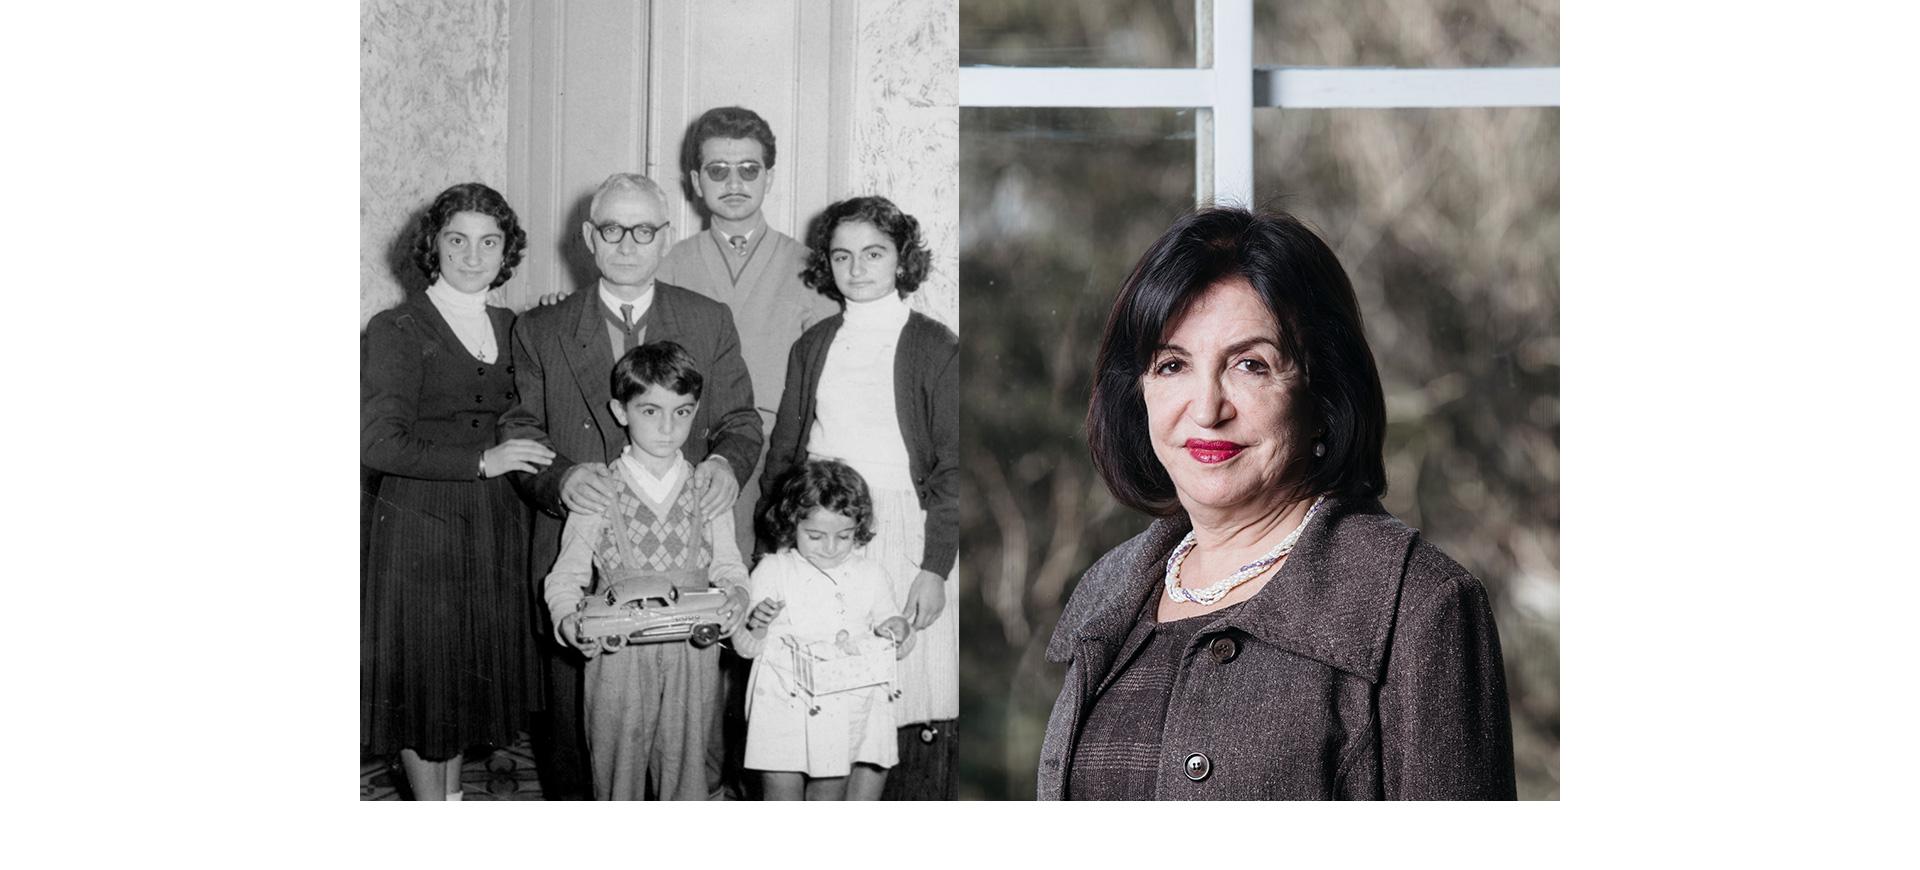 Zehbour em foto de família, no canto inferior direito/Foto: Arquivo pessoal (esq) / Carine Wallaeur (dir)